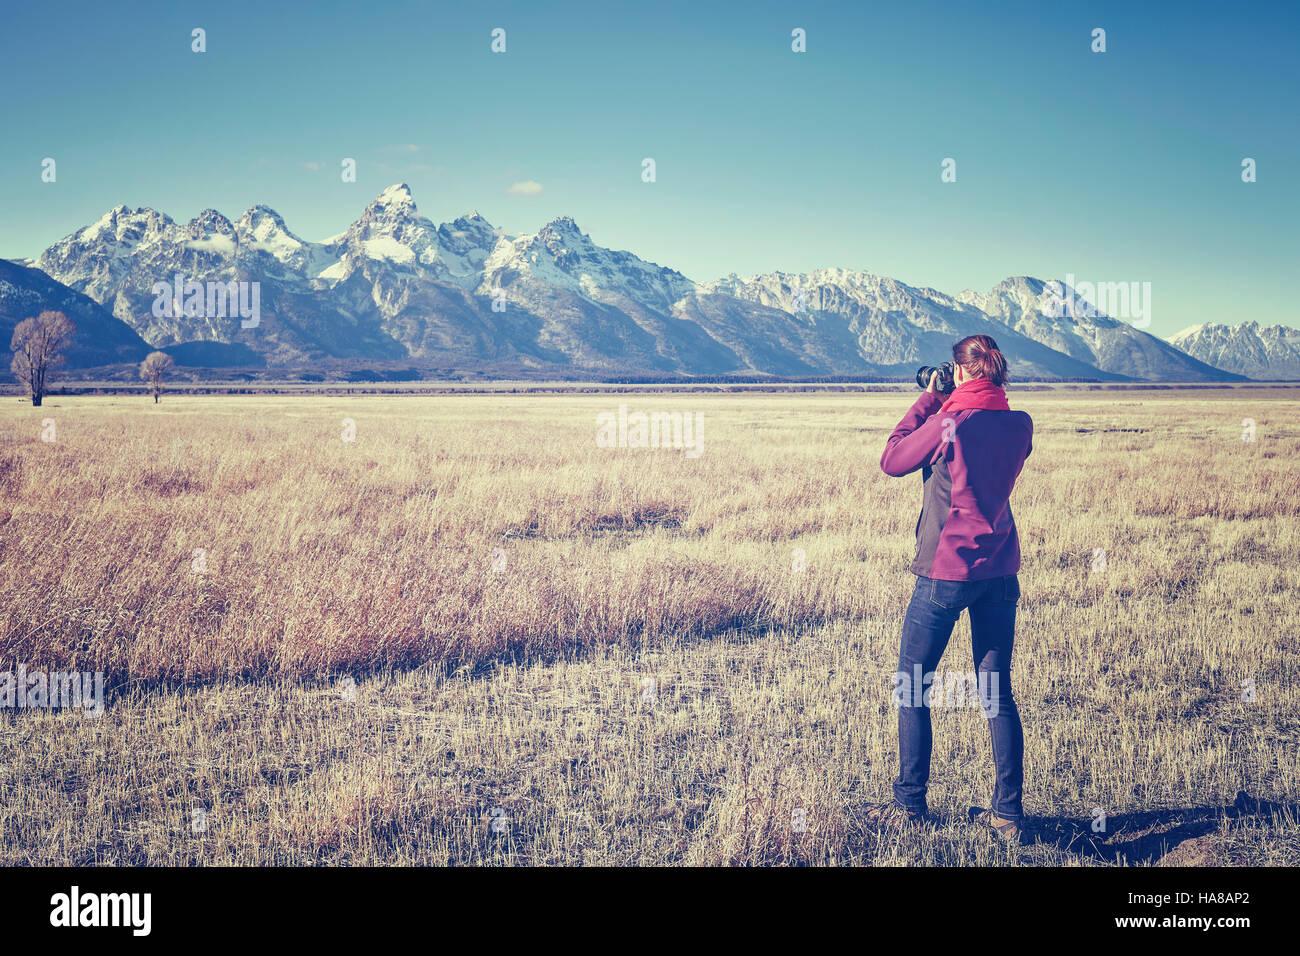 Vintage femmina tonico montare escursionista scattare foto con la fotocamera reflex digitale nel Parco Nazionale Immagini Stock